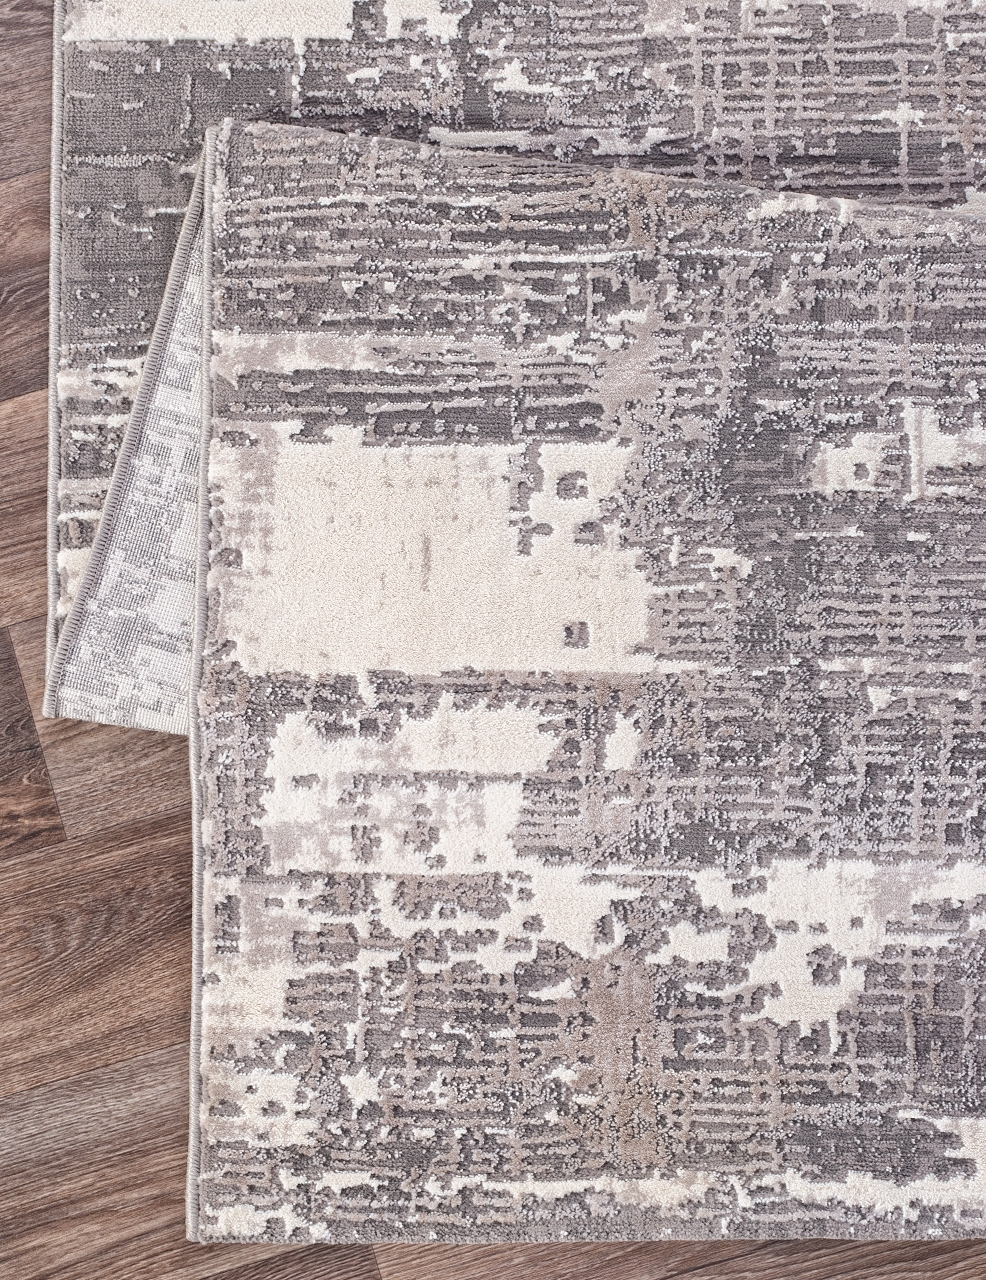 Ковер 18947 - 070 BEIGE - Прямоугольник - коллекция ARMODIES - фото 5